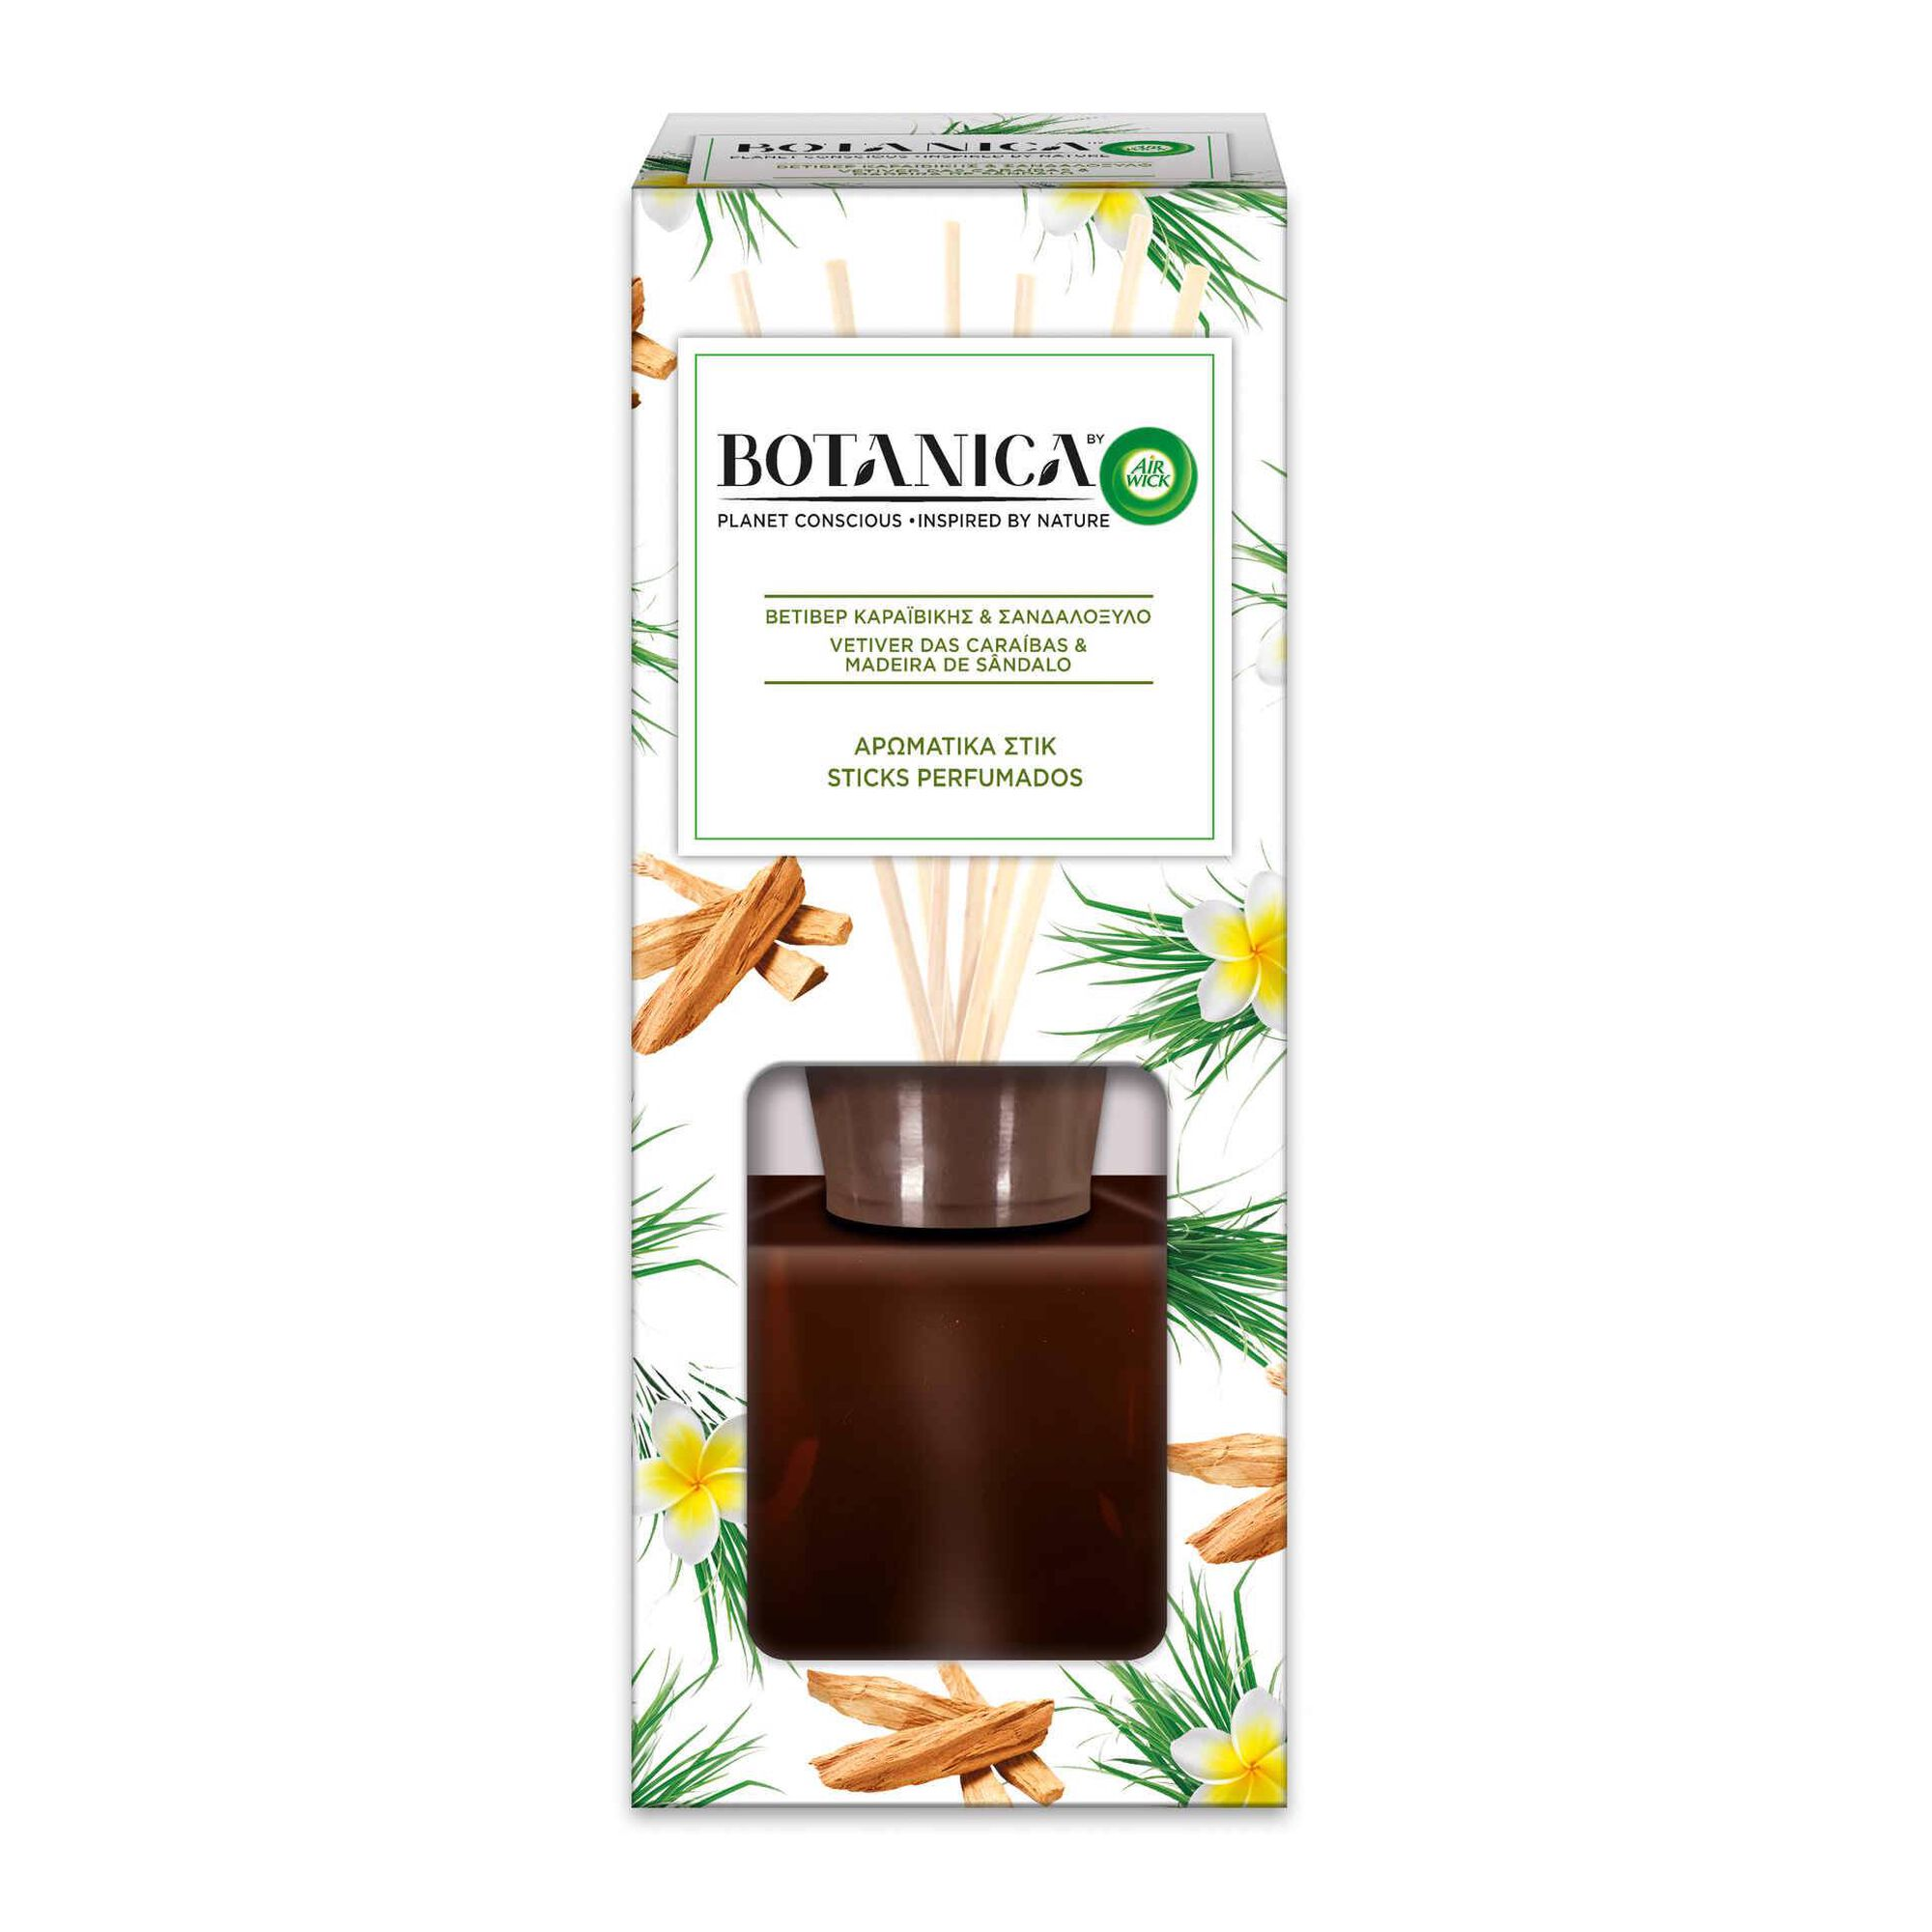 Ambientador Stick Perfumado Botânica Vetiver Caraíbas e Madeira Sândalo